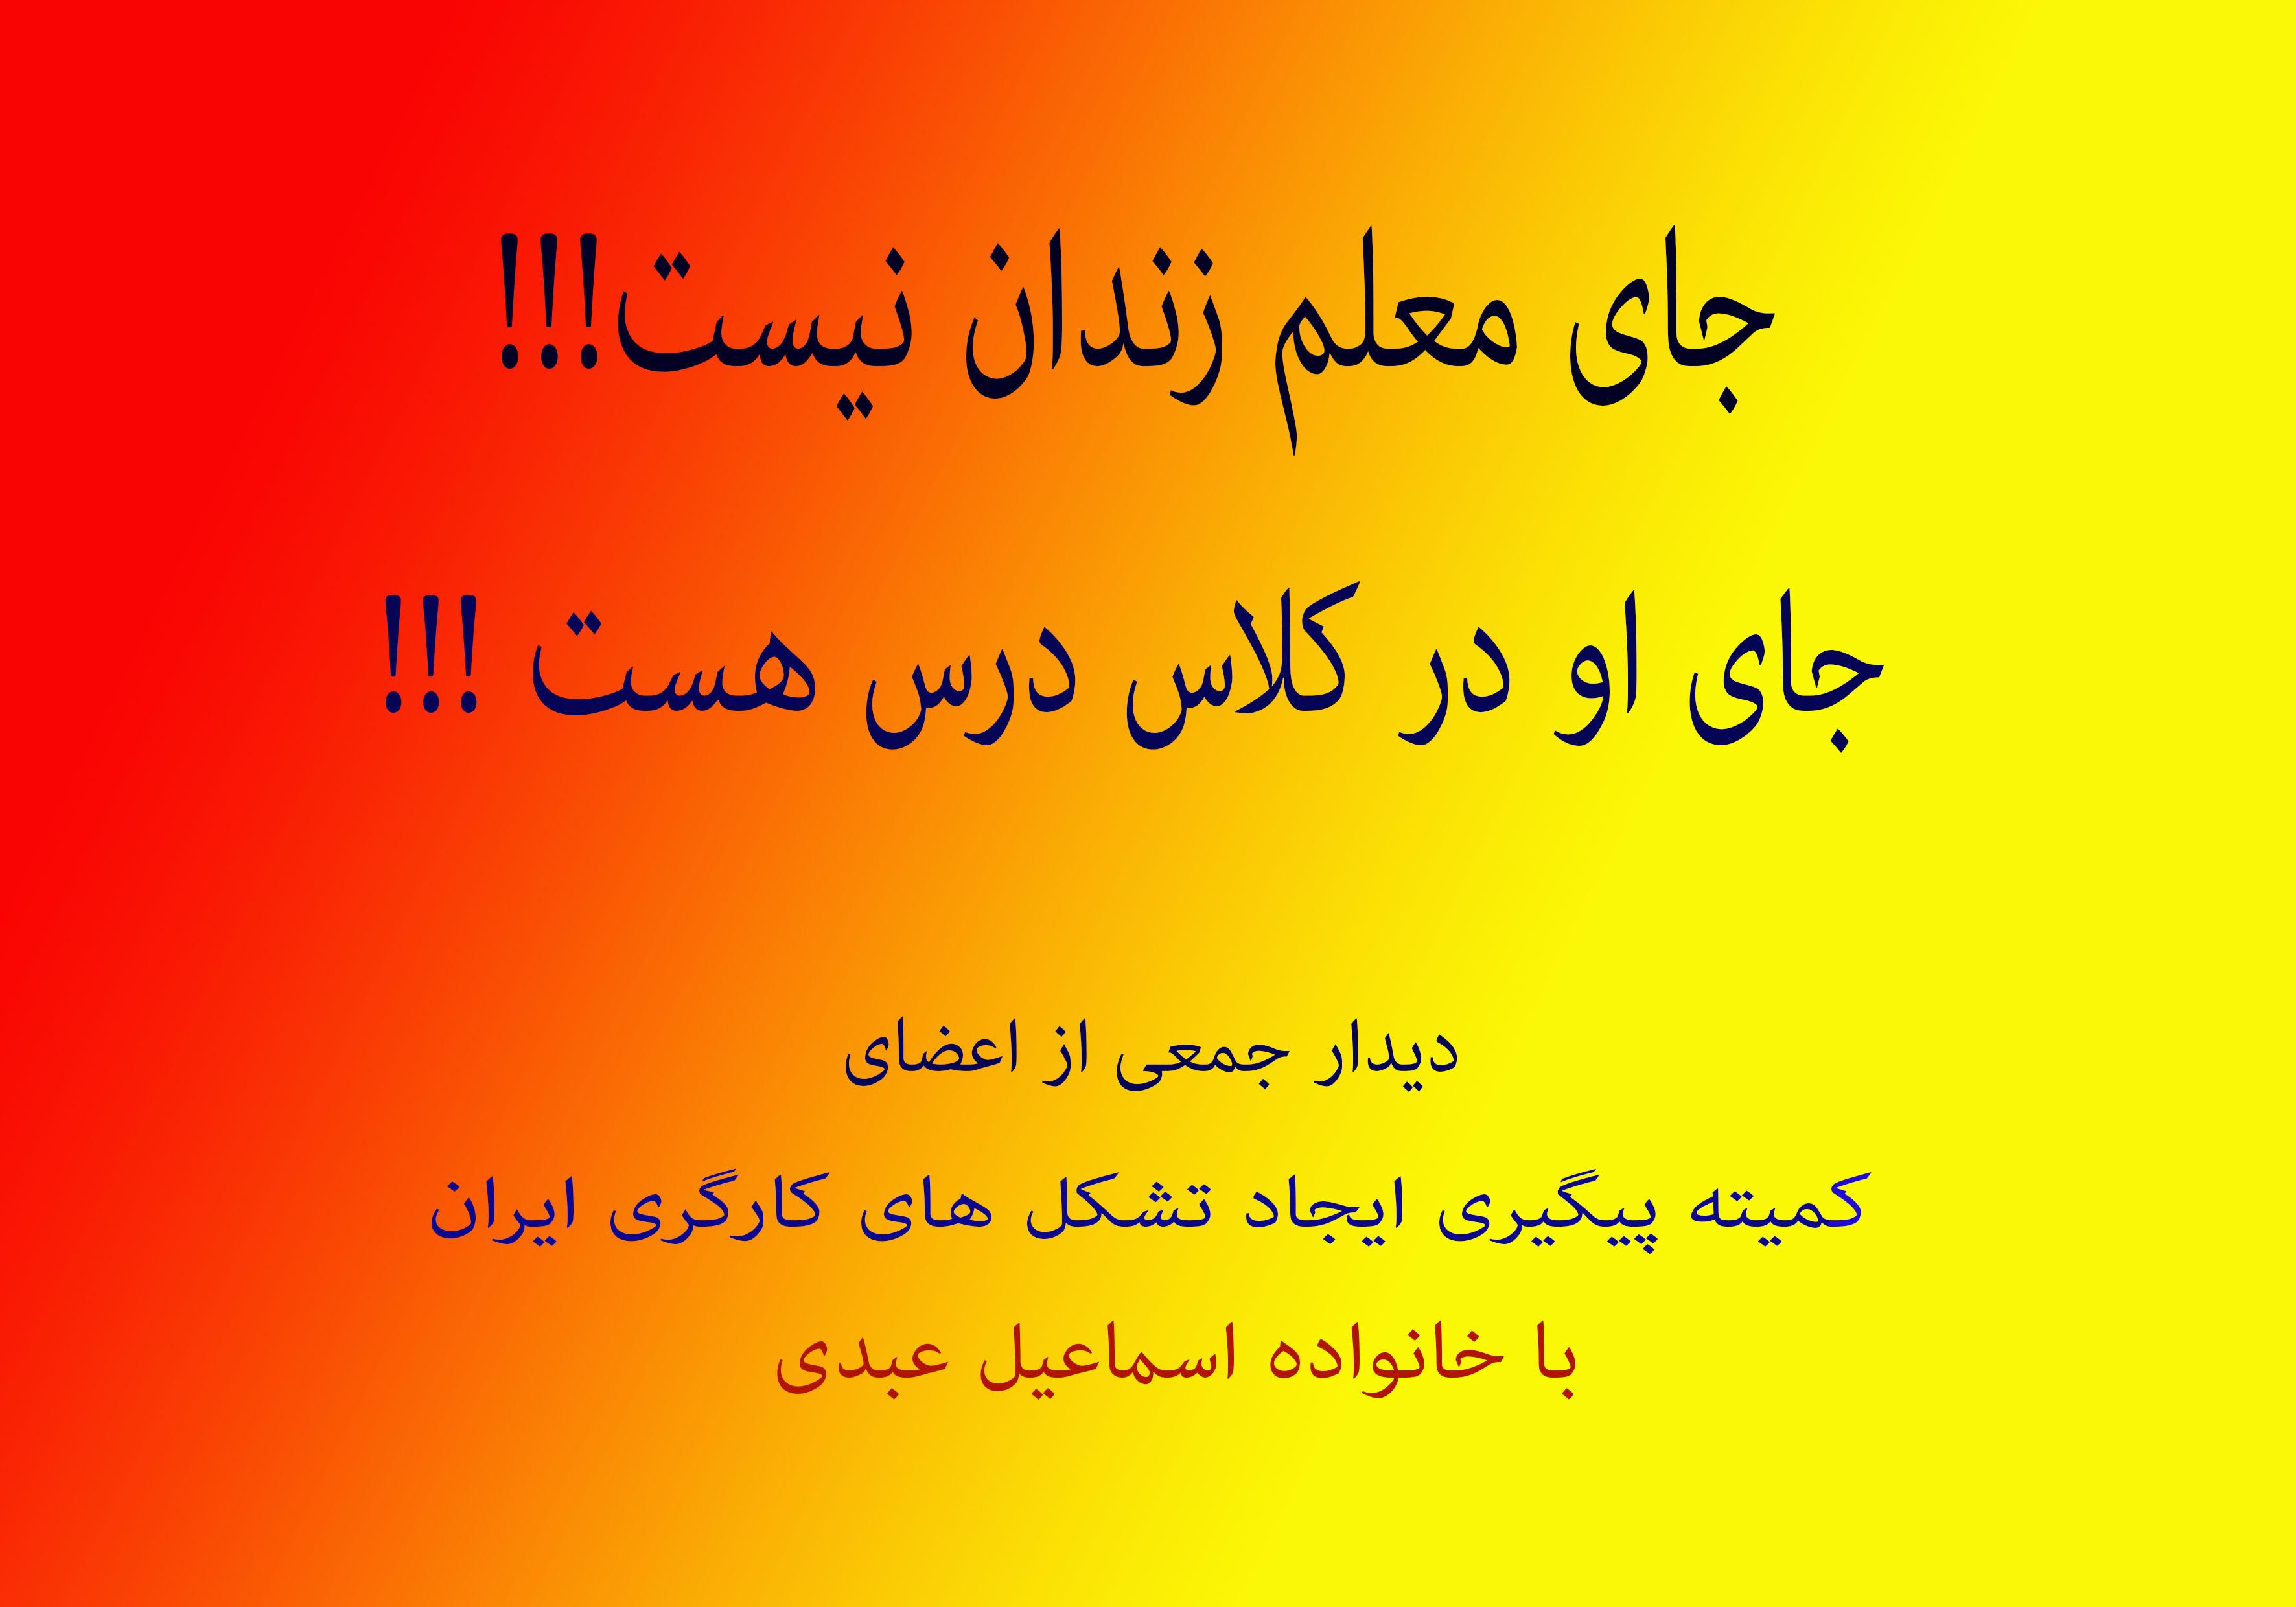 دیدار جمعی از اعضای کمیته پیگیری ایجاد تشکل های کارگری ایران با خانواده اسماعیل عبدی.